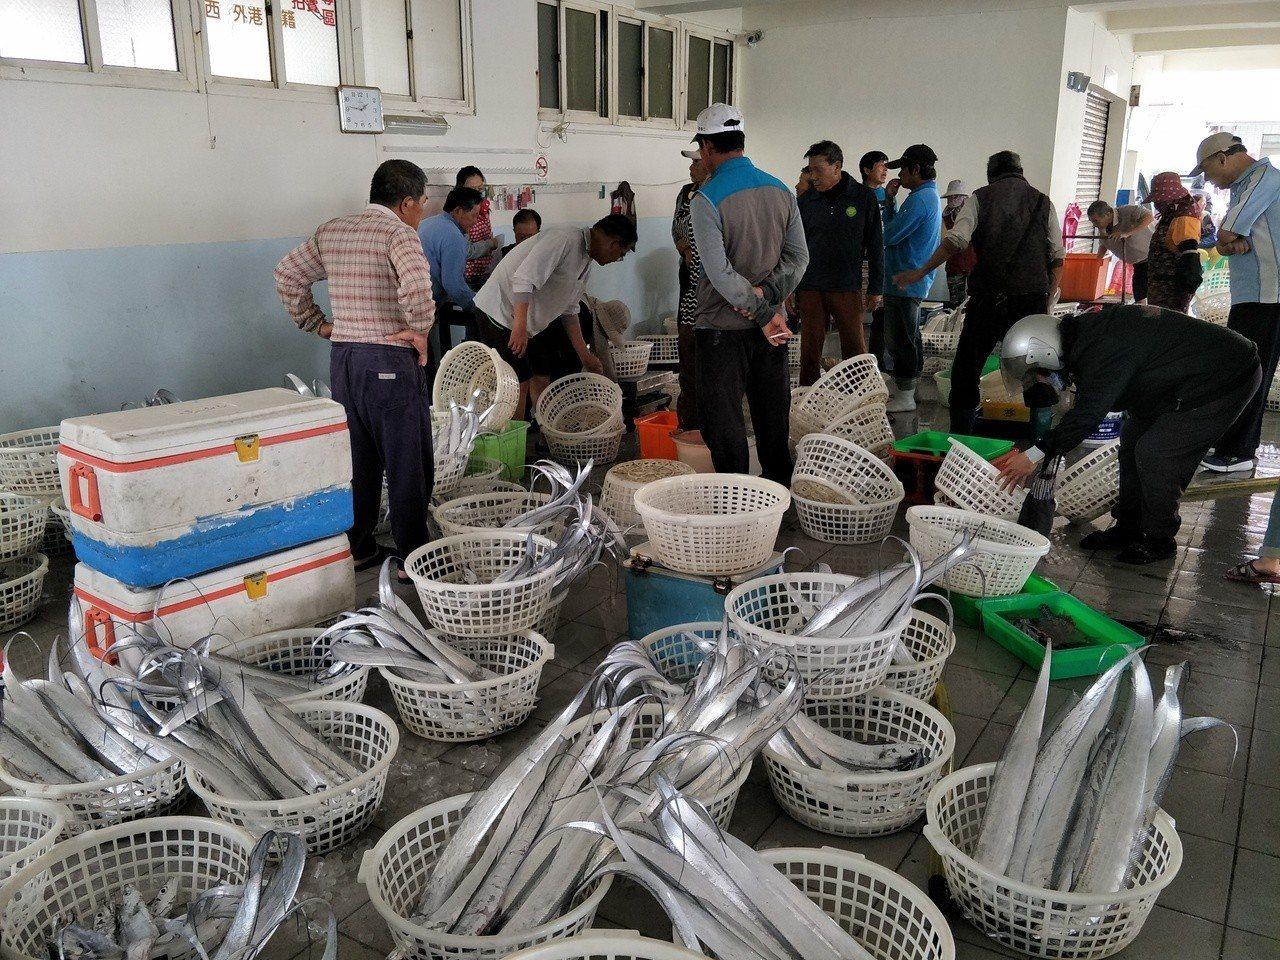 青山漁港拍賣遊客也可參與增加趣味。記者謝進盛╱攝影